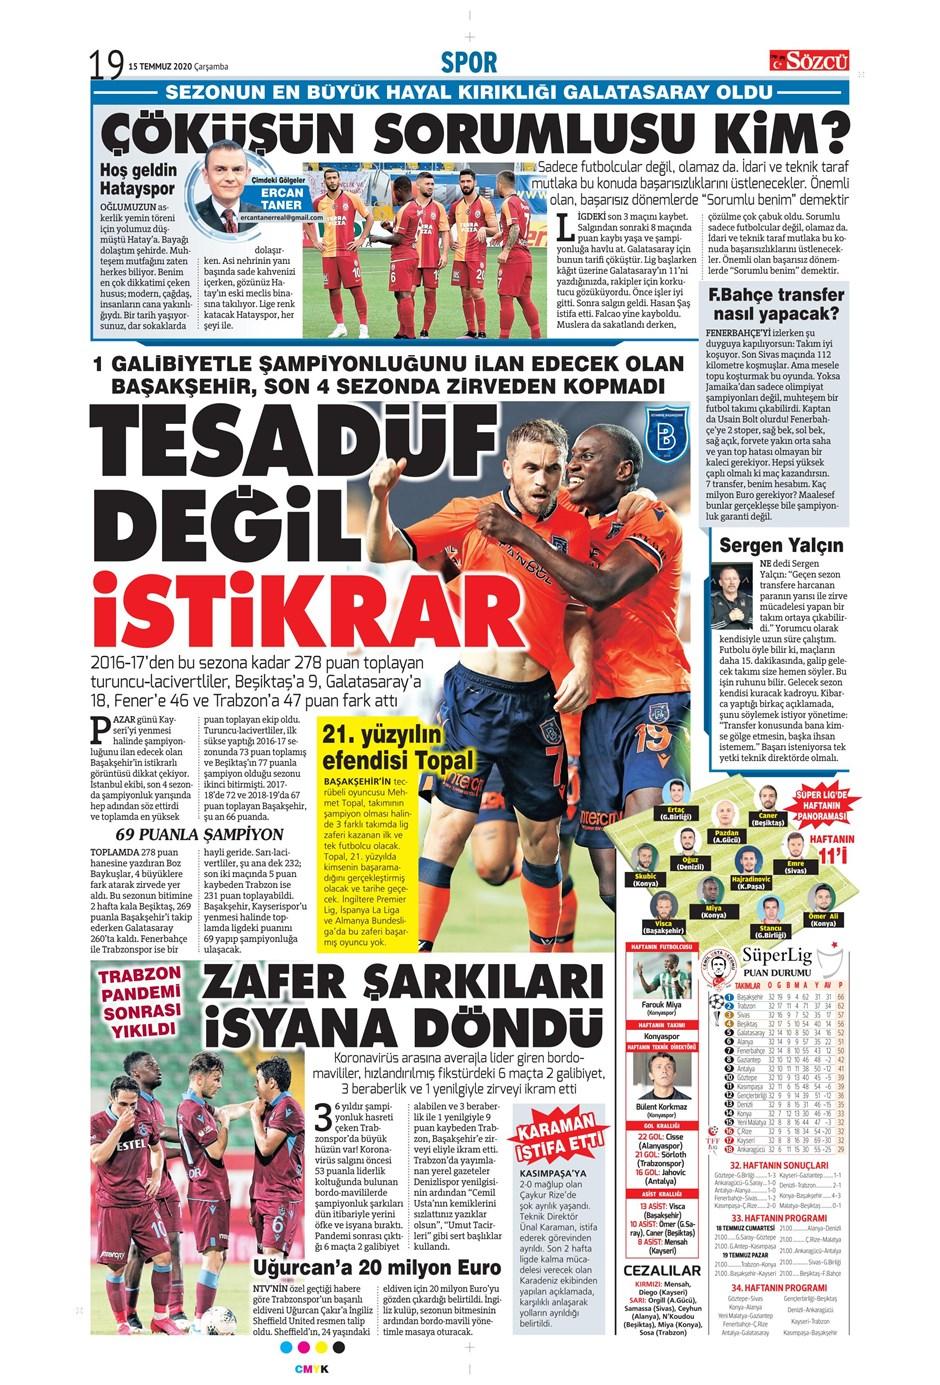 15 Temmuz 2020 günün spor manşetleri! İşte sporda gazete başlıkları 7